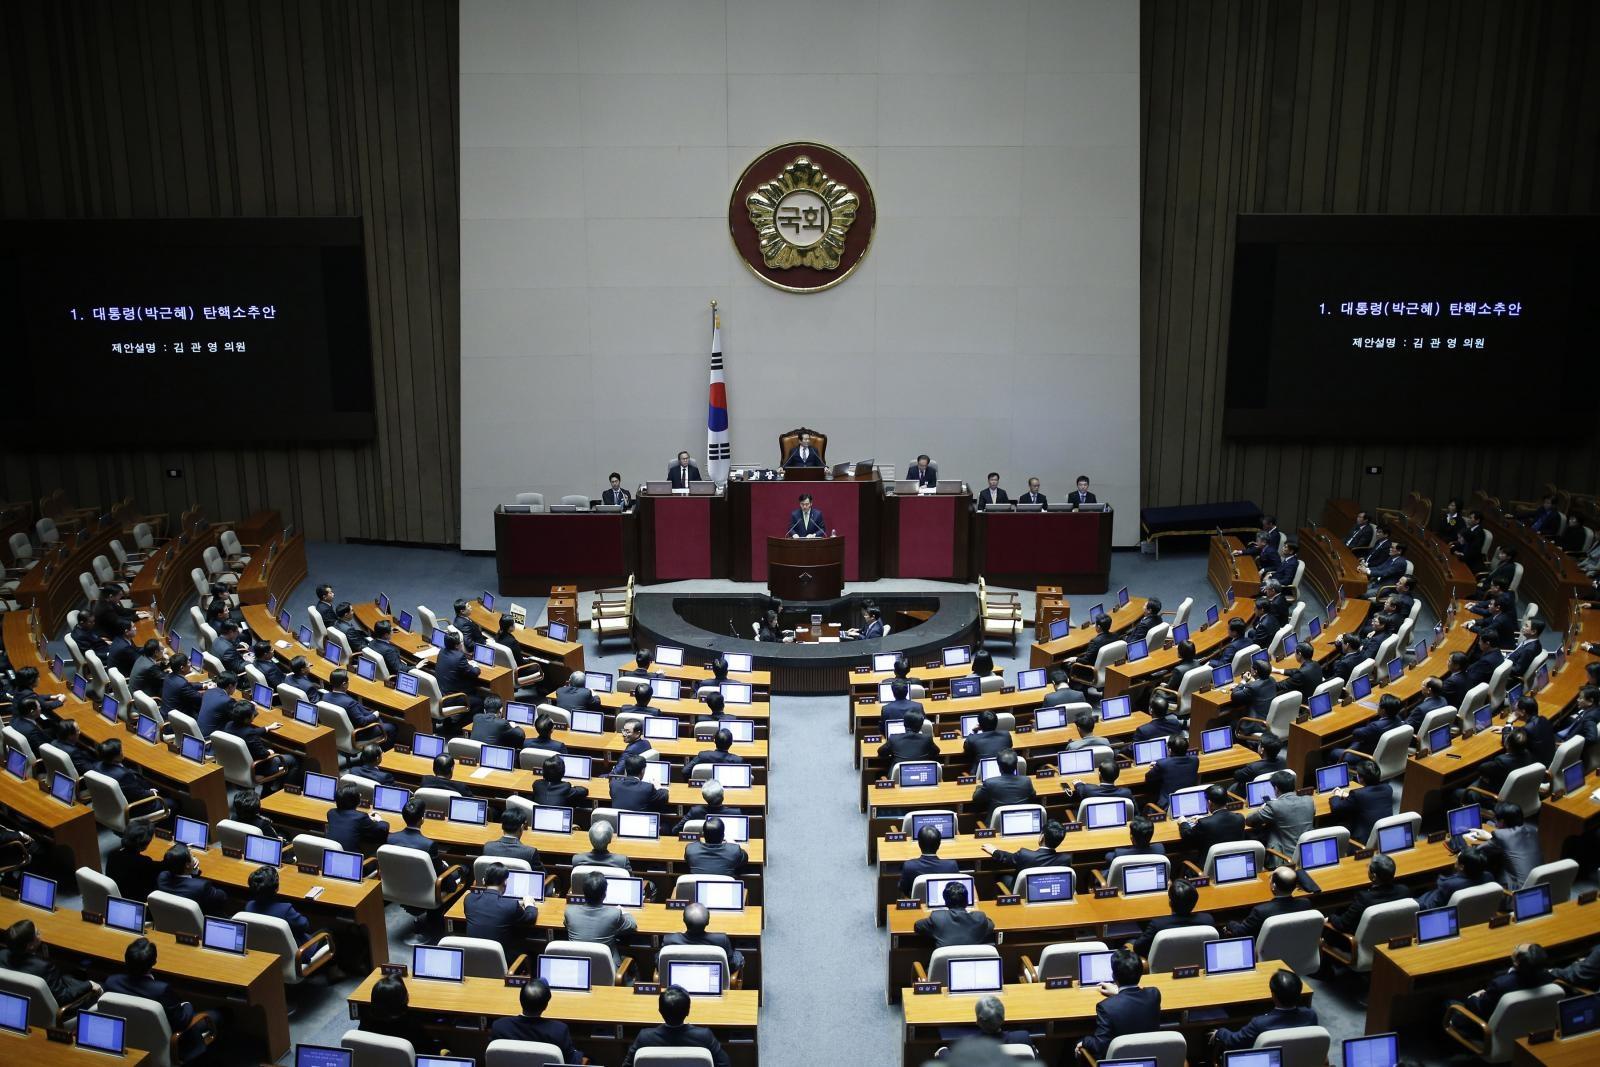 รัฐสภาเกาหลีใต้ ลงมติถอดถอนประธานาธิบดีปาร์ค กึน เฮ